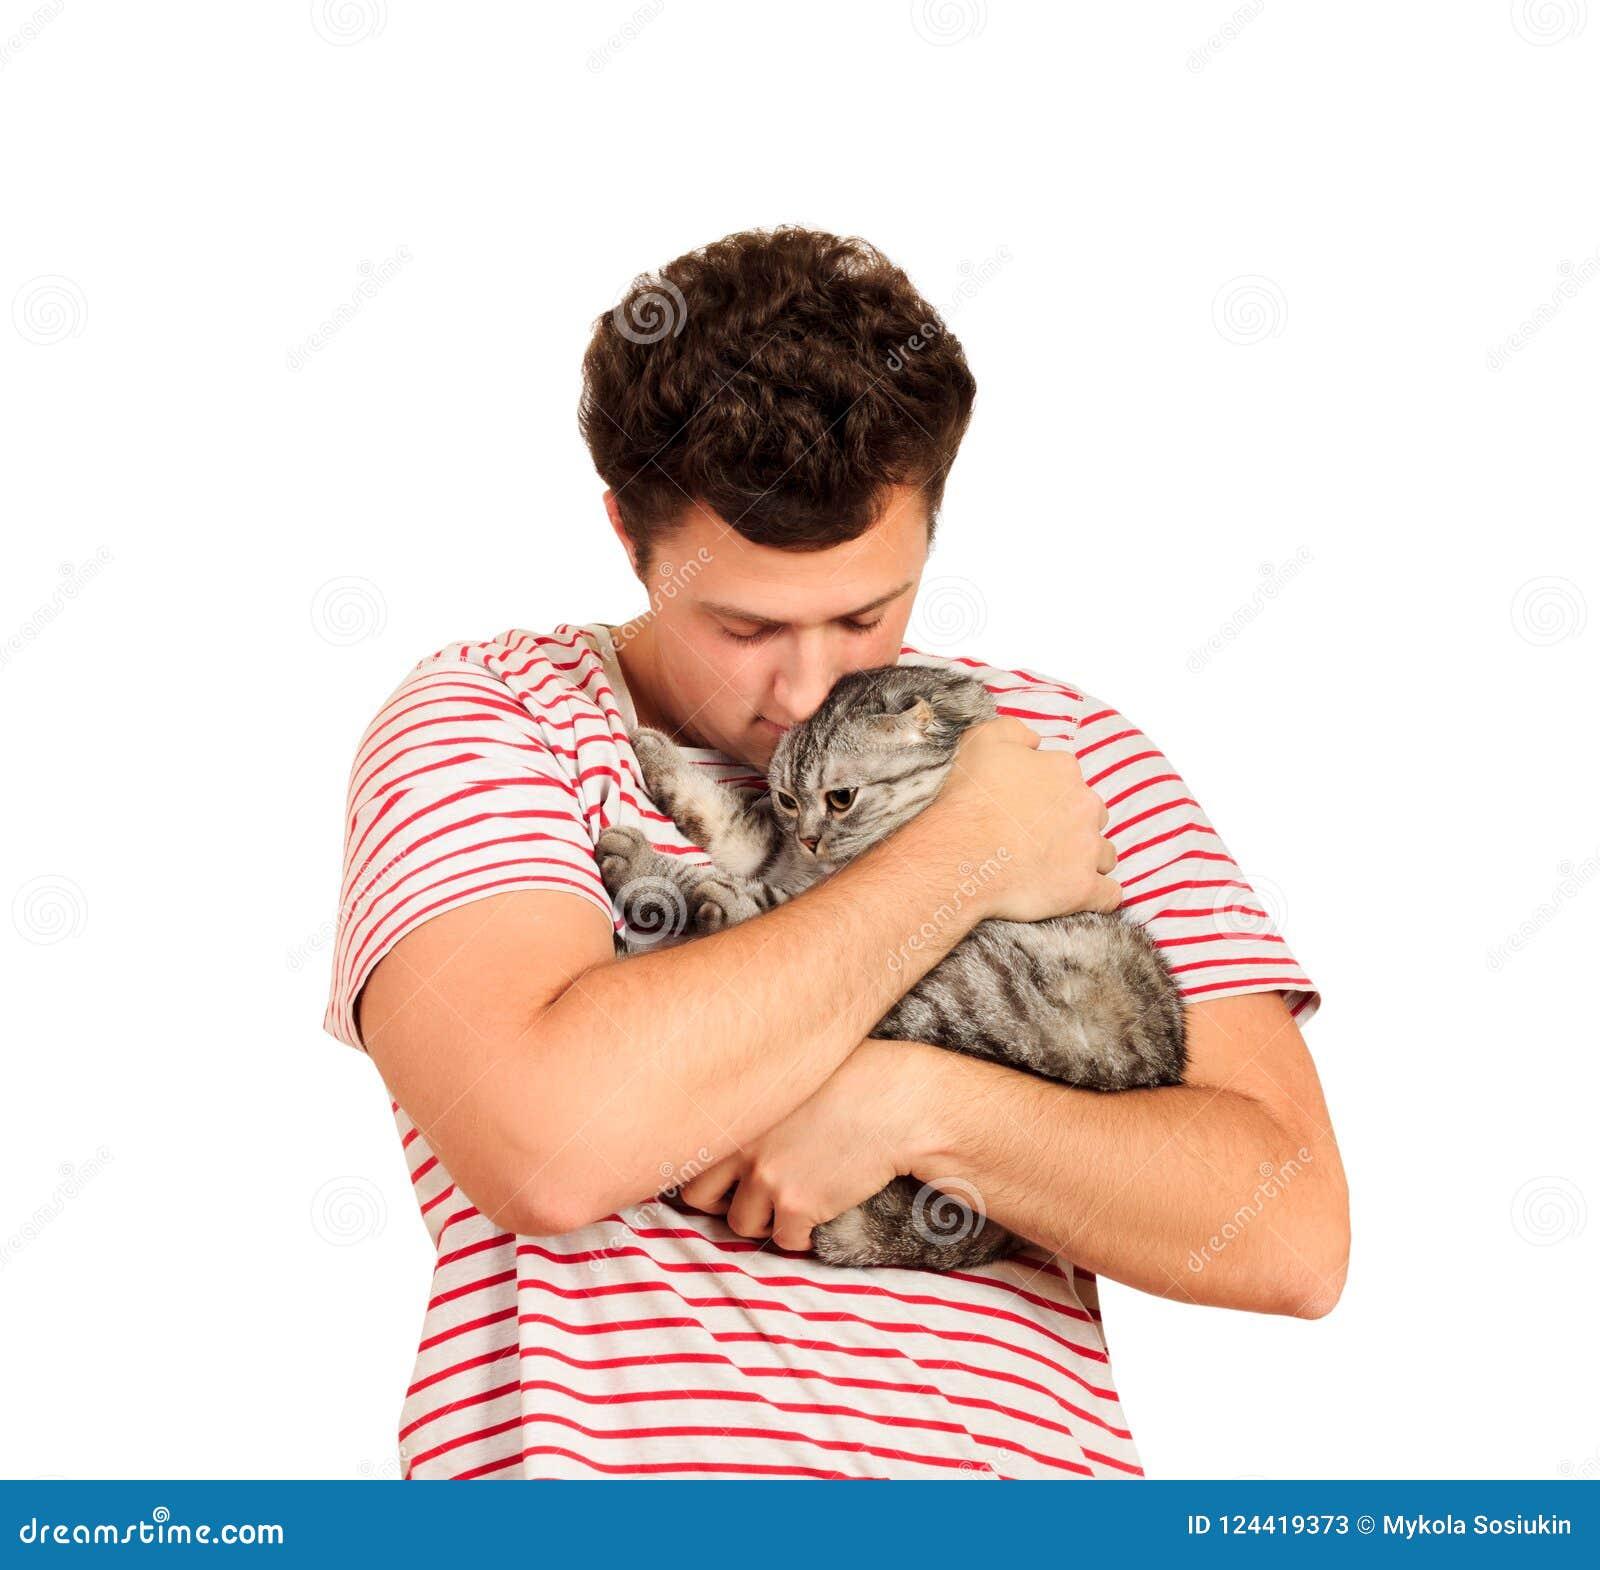 Un gatto e un uomo, un ritratto di un gatto felice con gli occhi di fine e un giovane, la gente che gioca con un gattino Il tipo